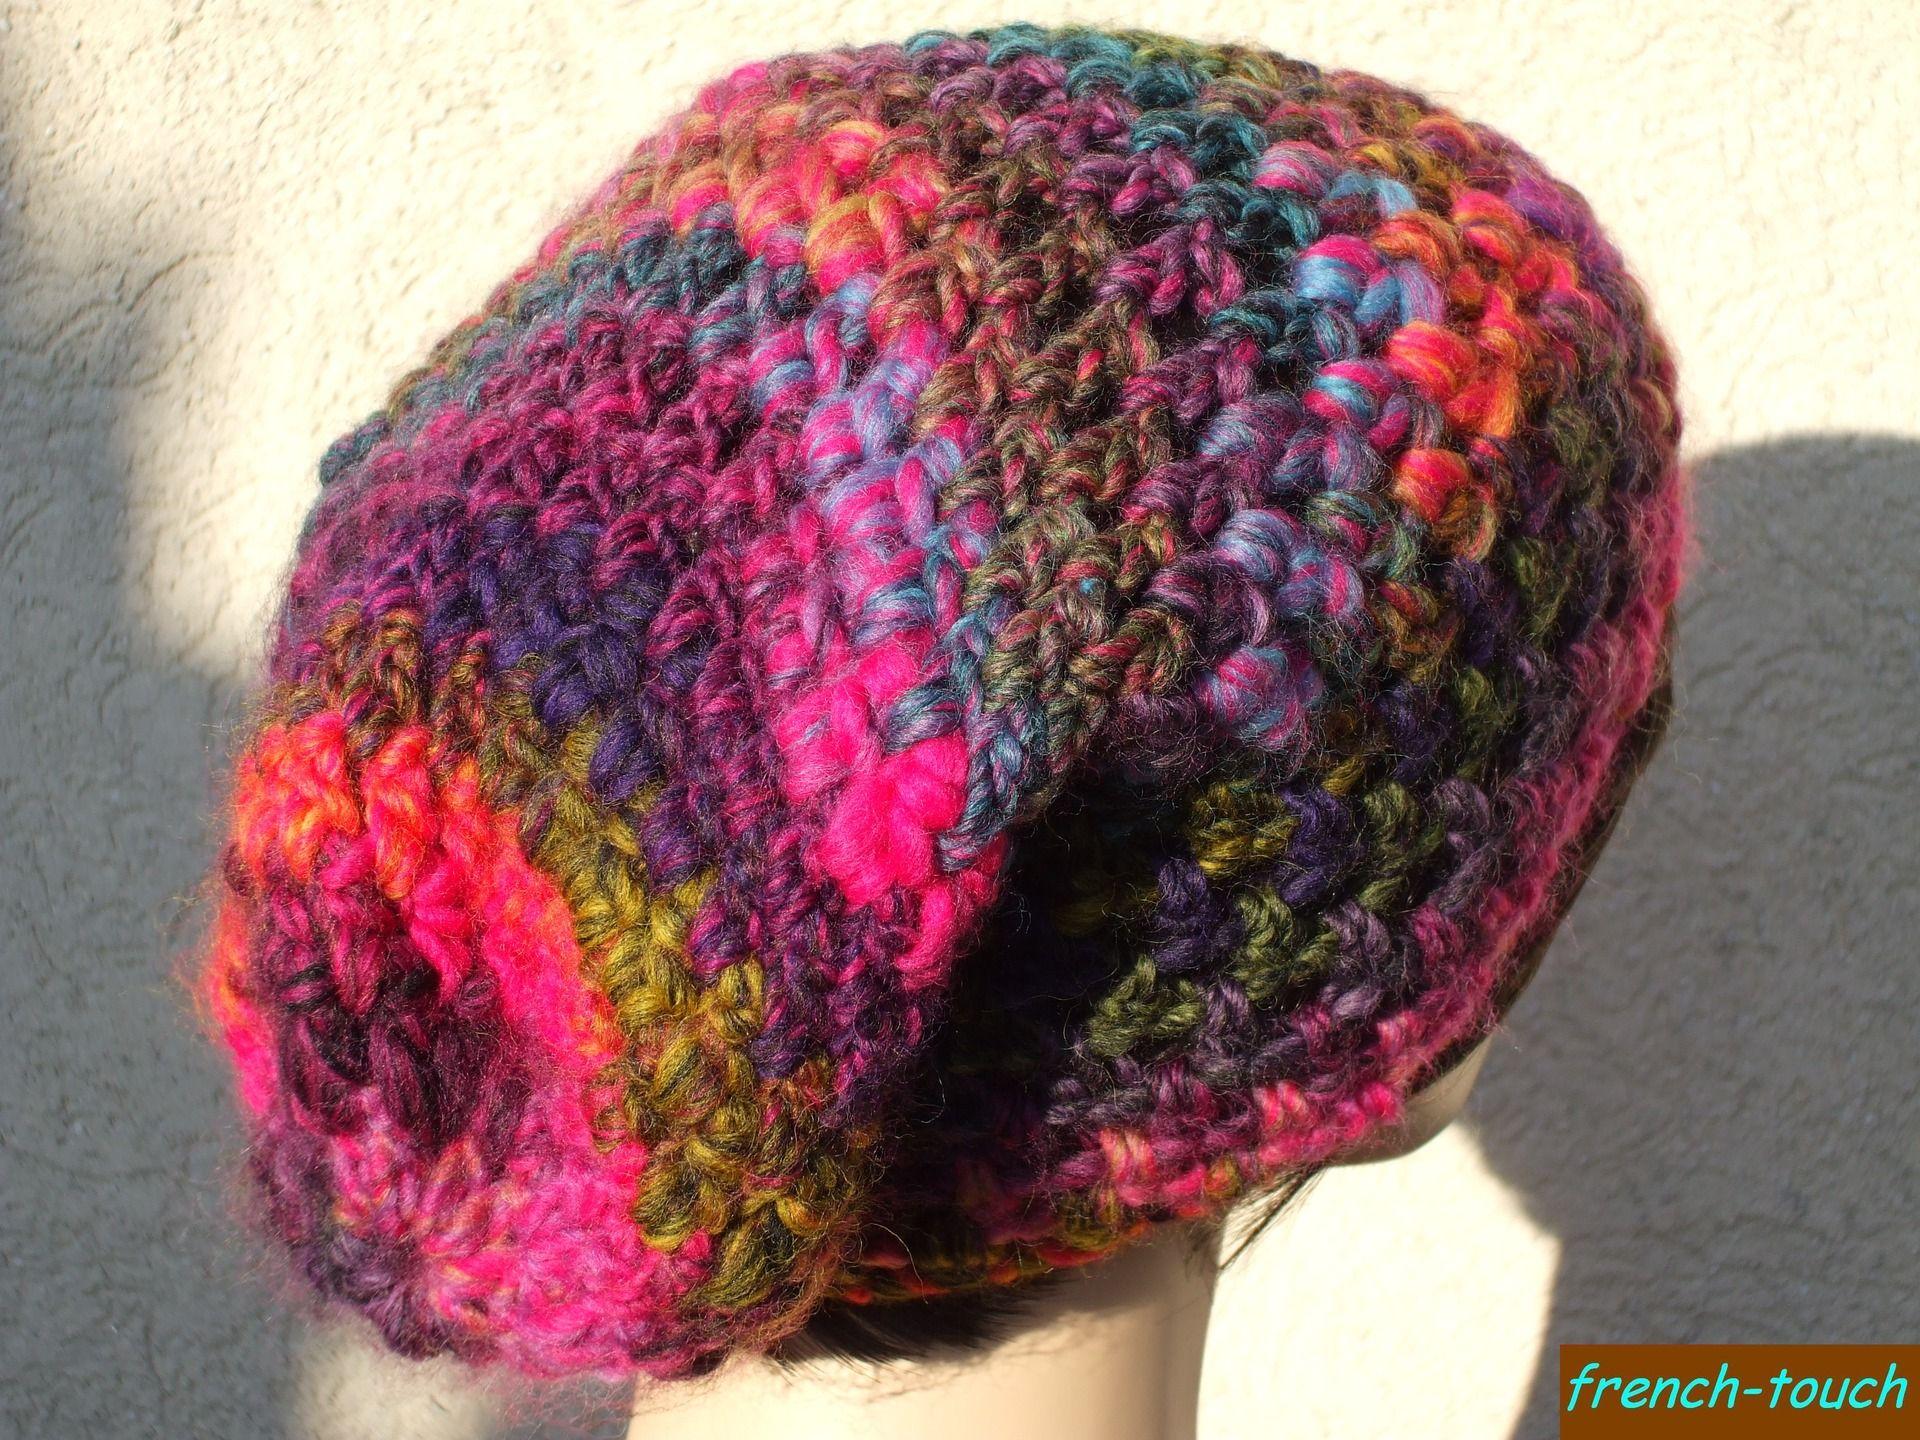 Bonnet slouch en laine multicolore fait main au crochet. Bonnet slouchy  accessoire de mode hiver en laine pour femme